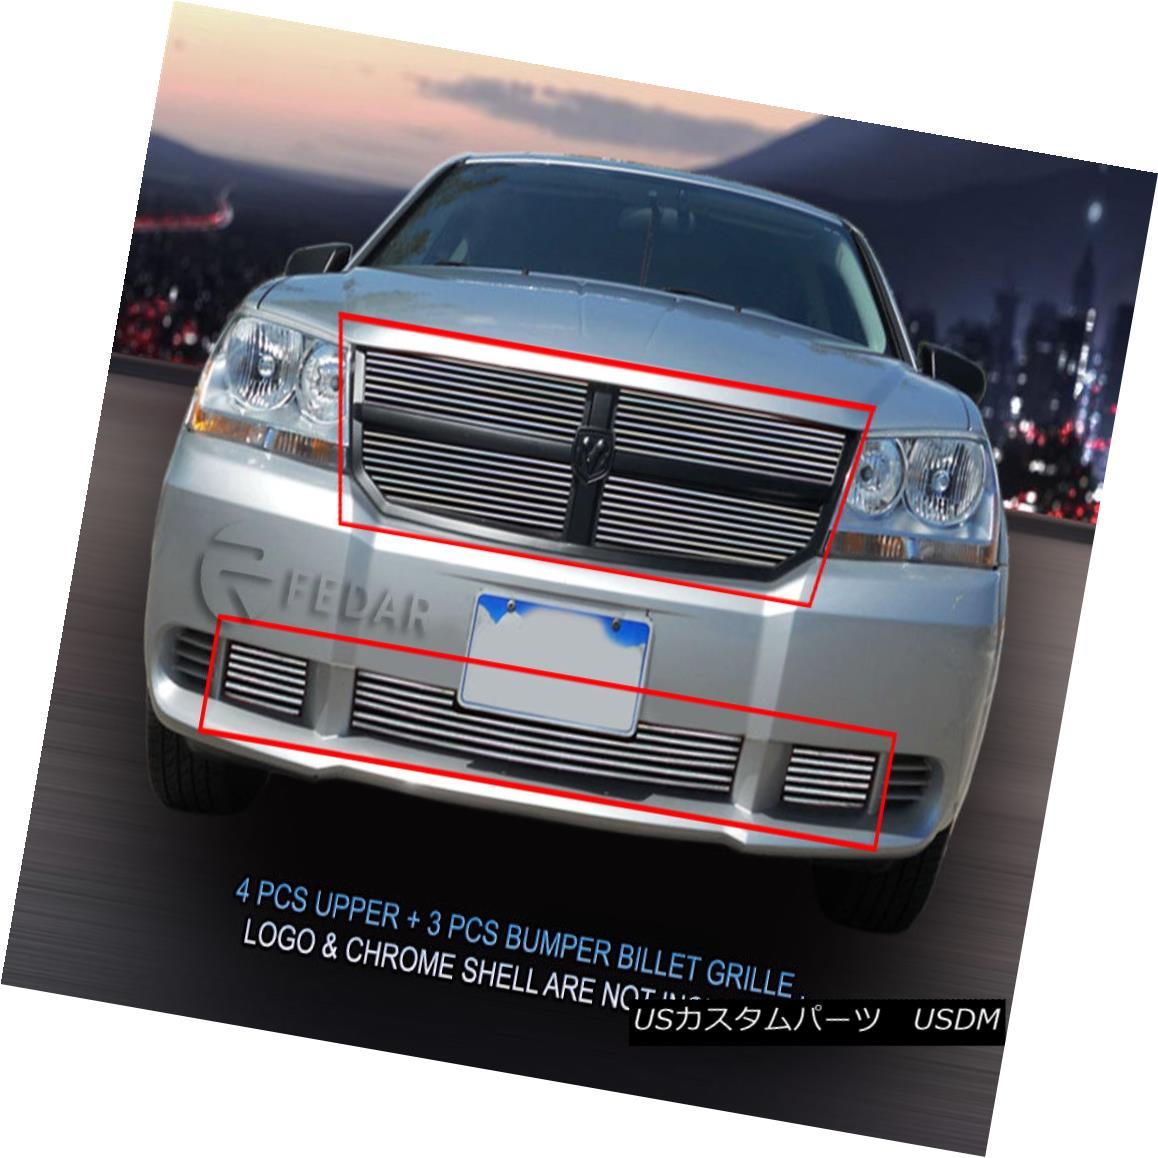 グリル For 2007-2010 Dodge Avenger SXT Billet Grille Grill Combo Insert 783 784 Fedar 2007-2010ドッジアヴェンジャーSXTビレットグリルグリルコンボインサート783 784 Fedar